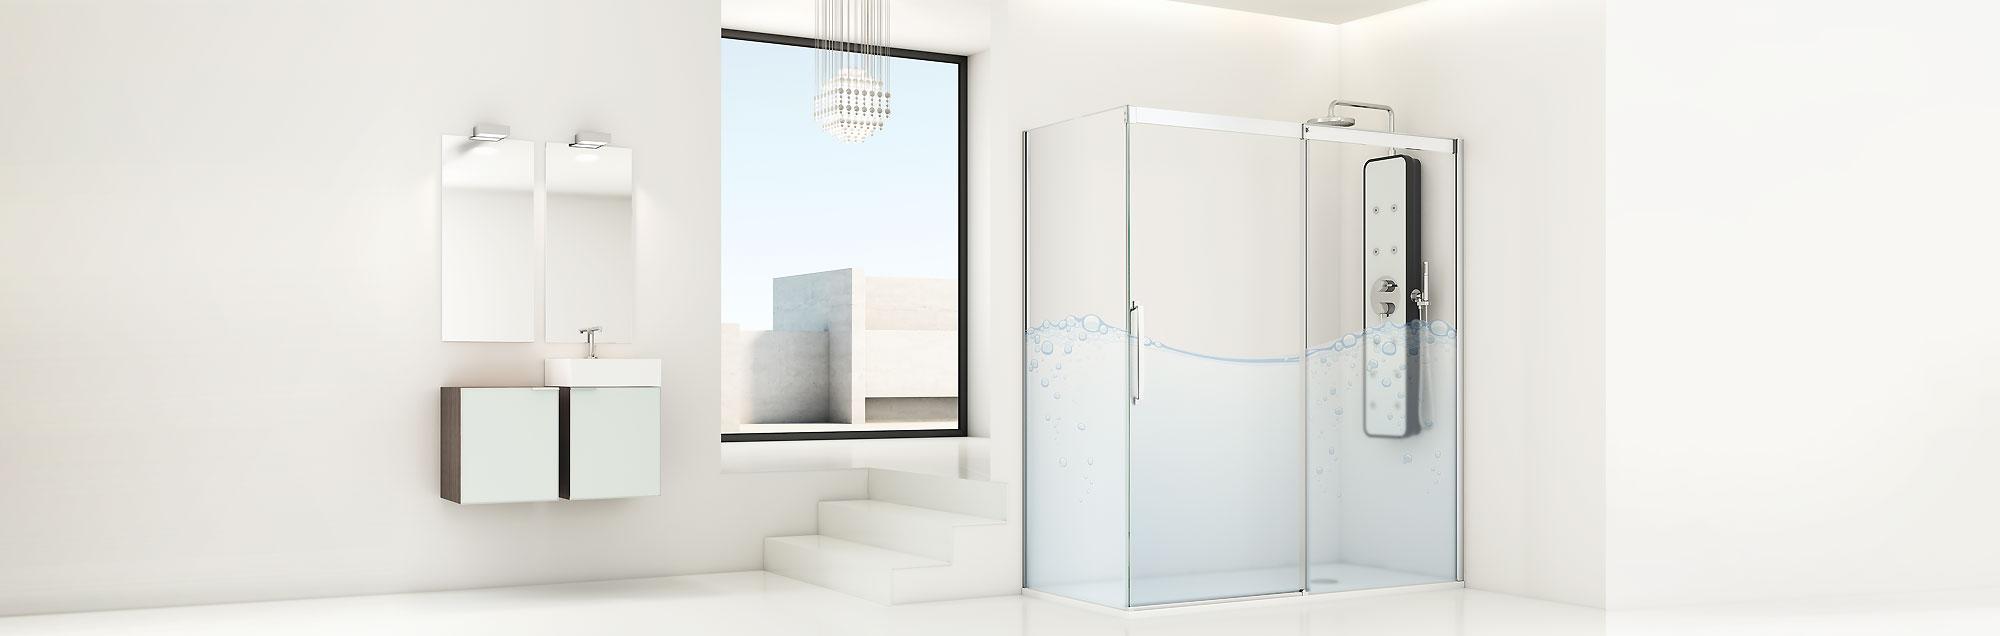 Série Smart Vita parois de bain coulissantes sur mesure